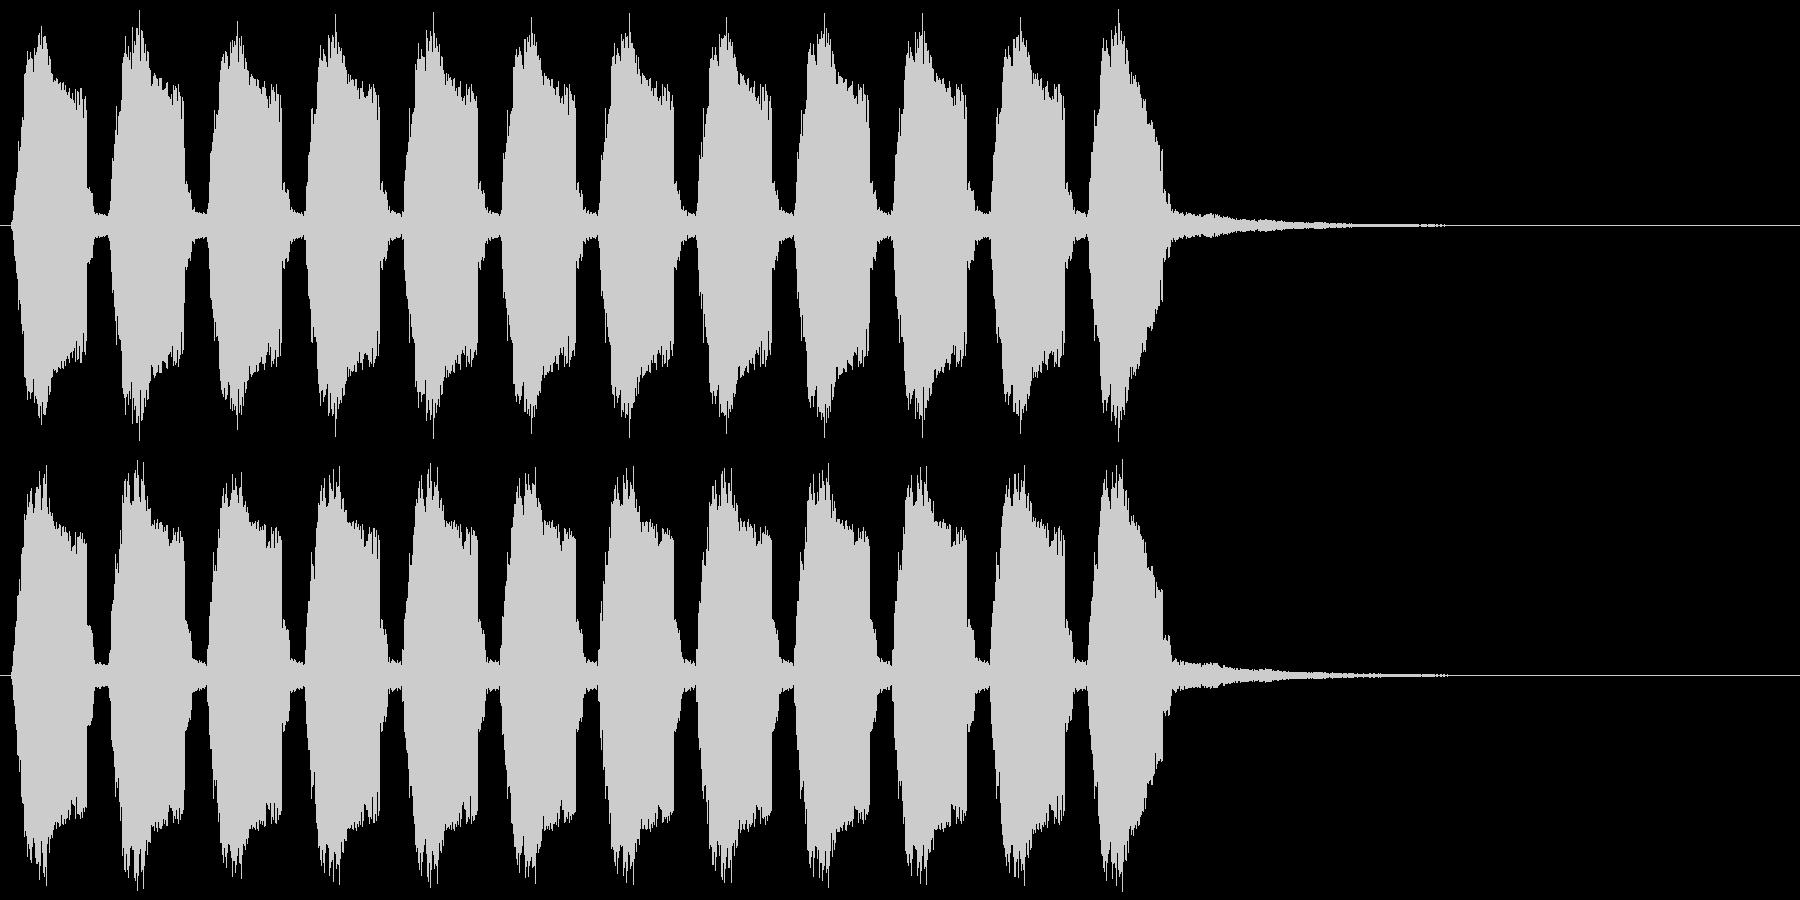 マシンガンの連射発砲音 ガガガガガガッ!の未再生の波形